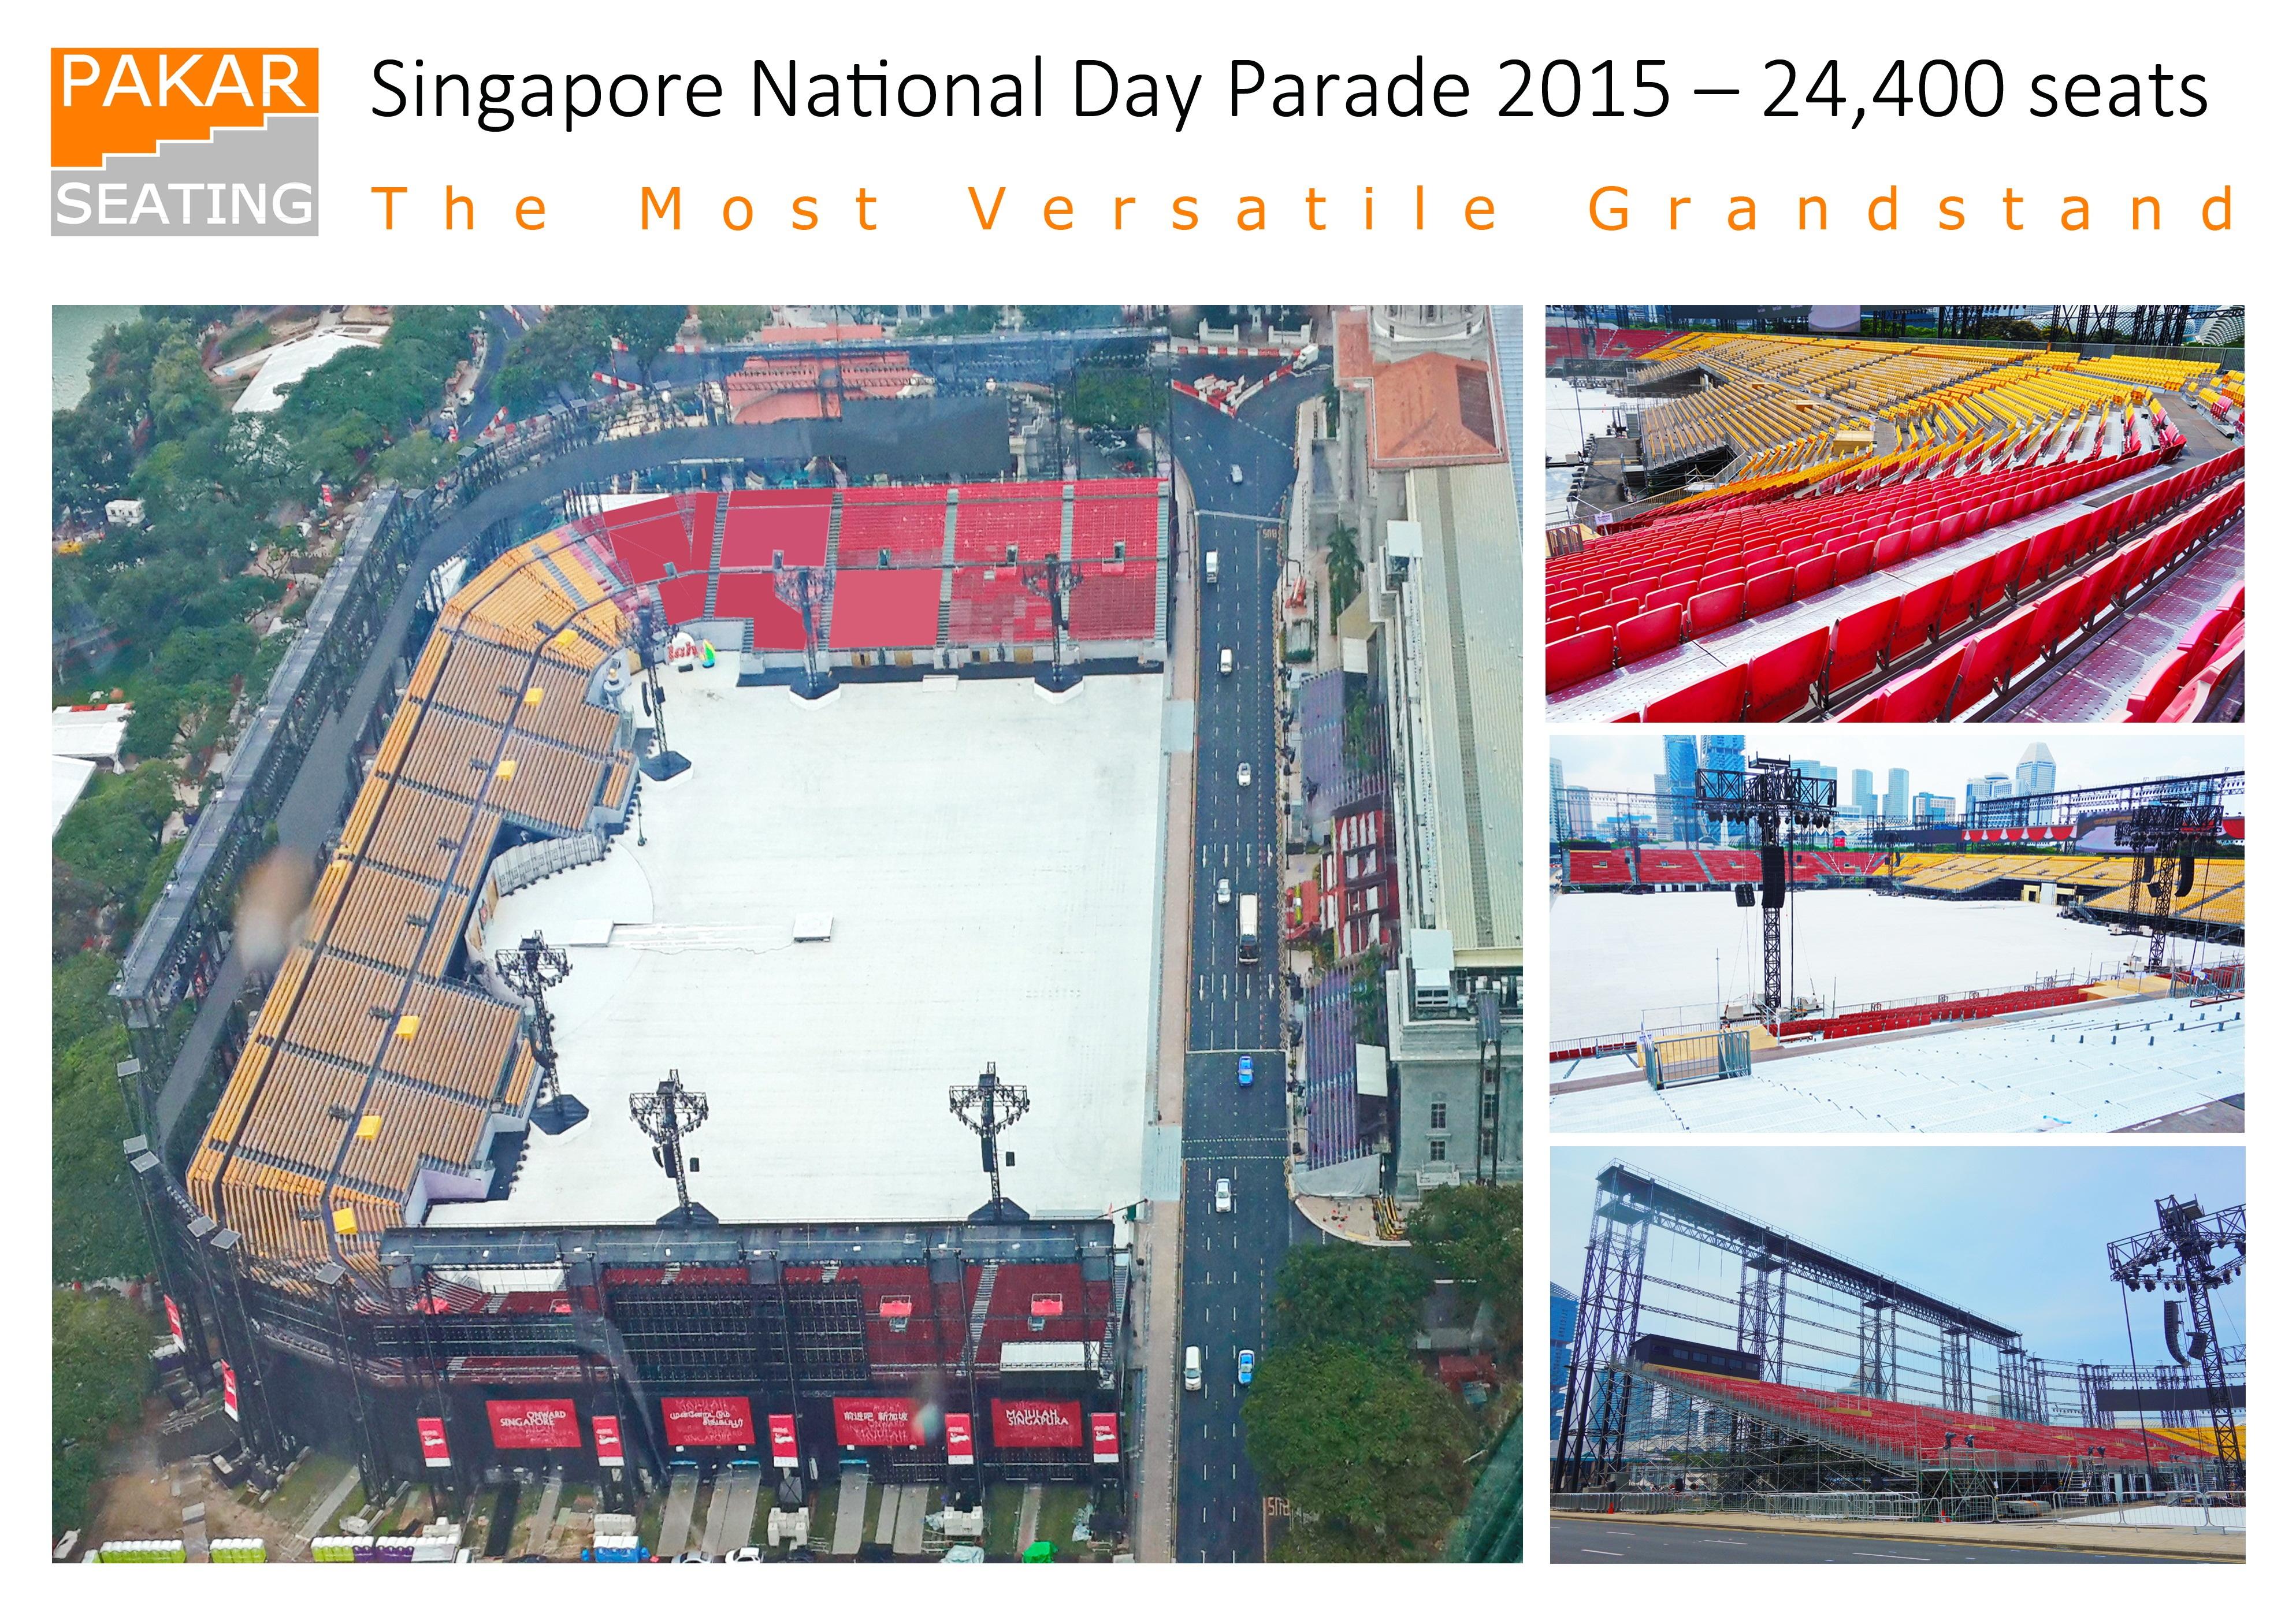 Singapore National Day Parade 2015